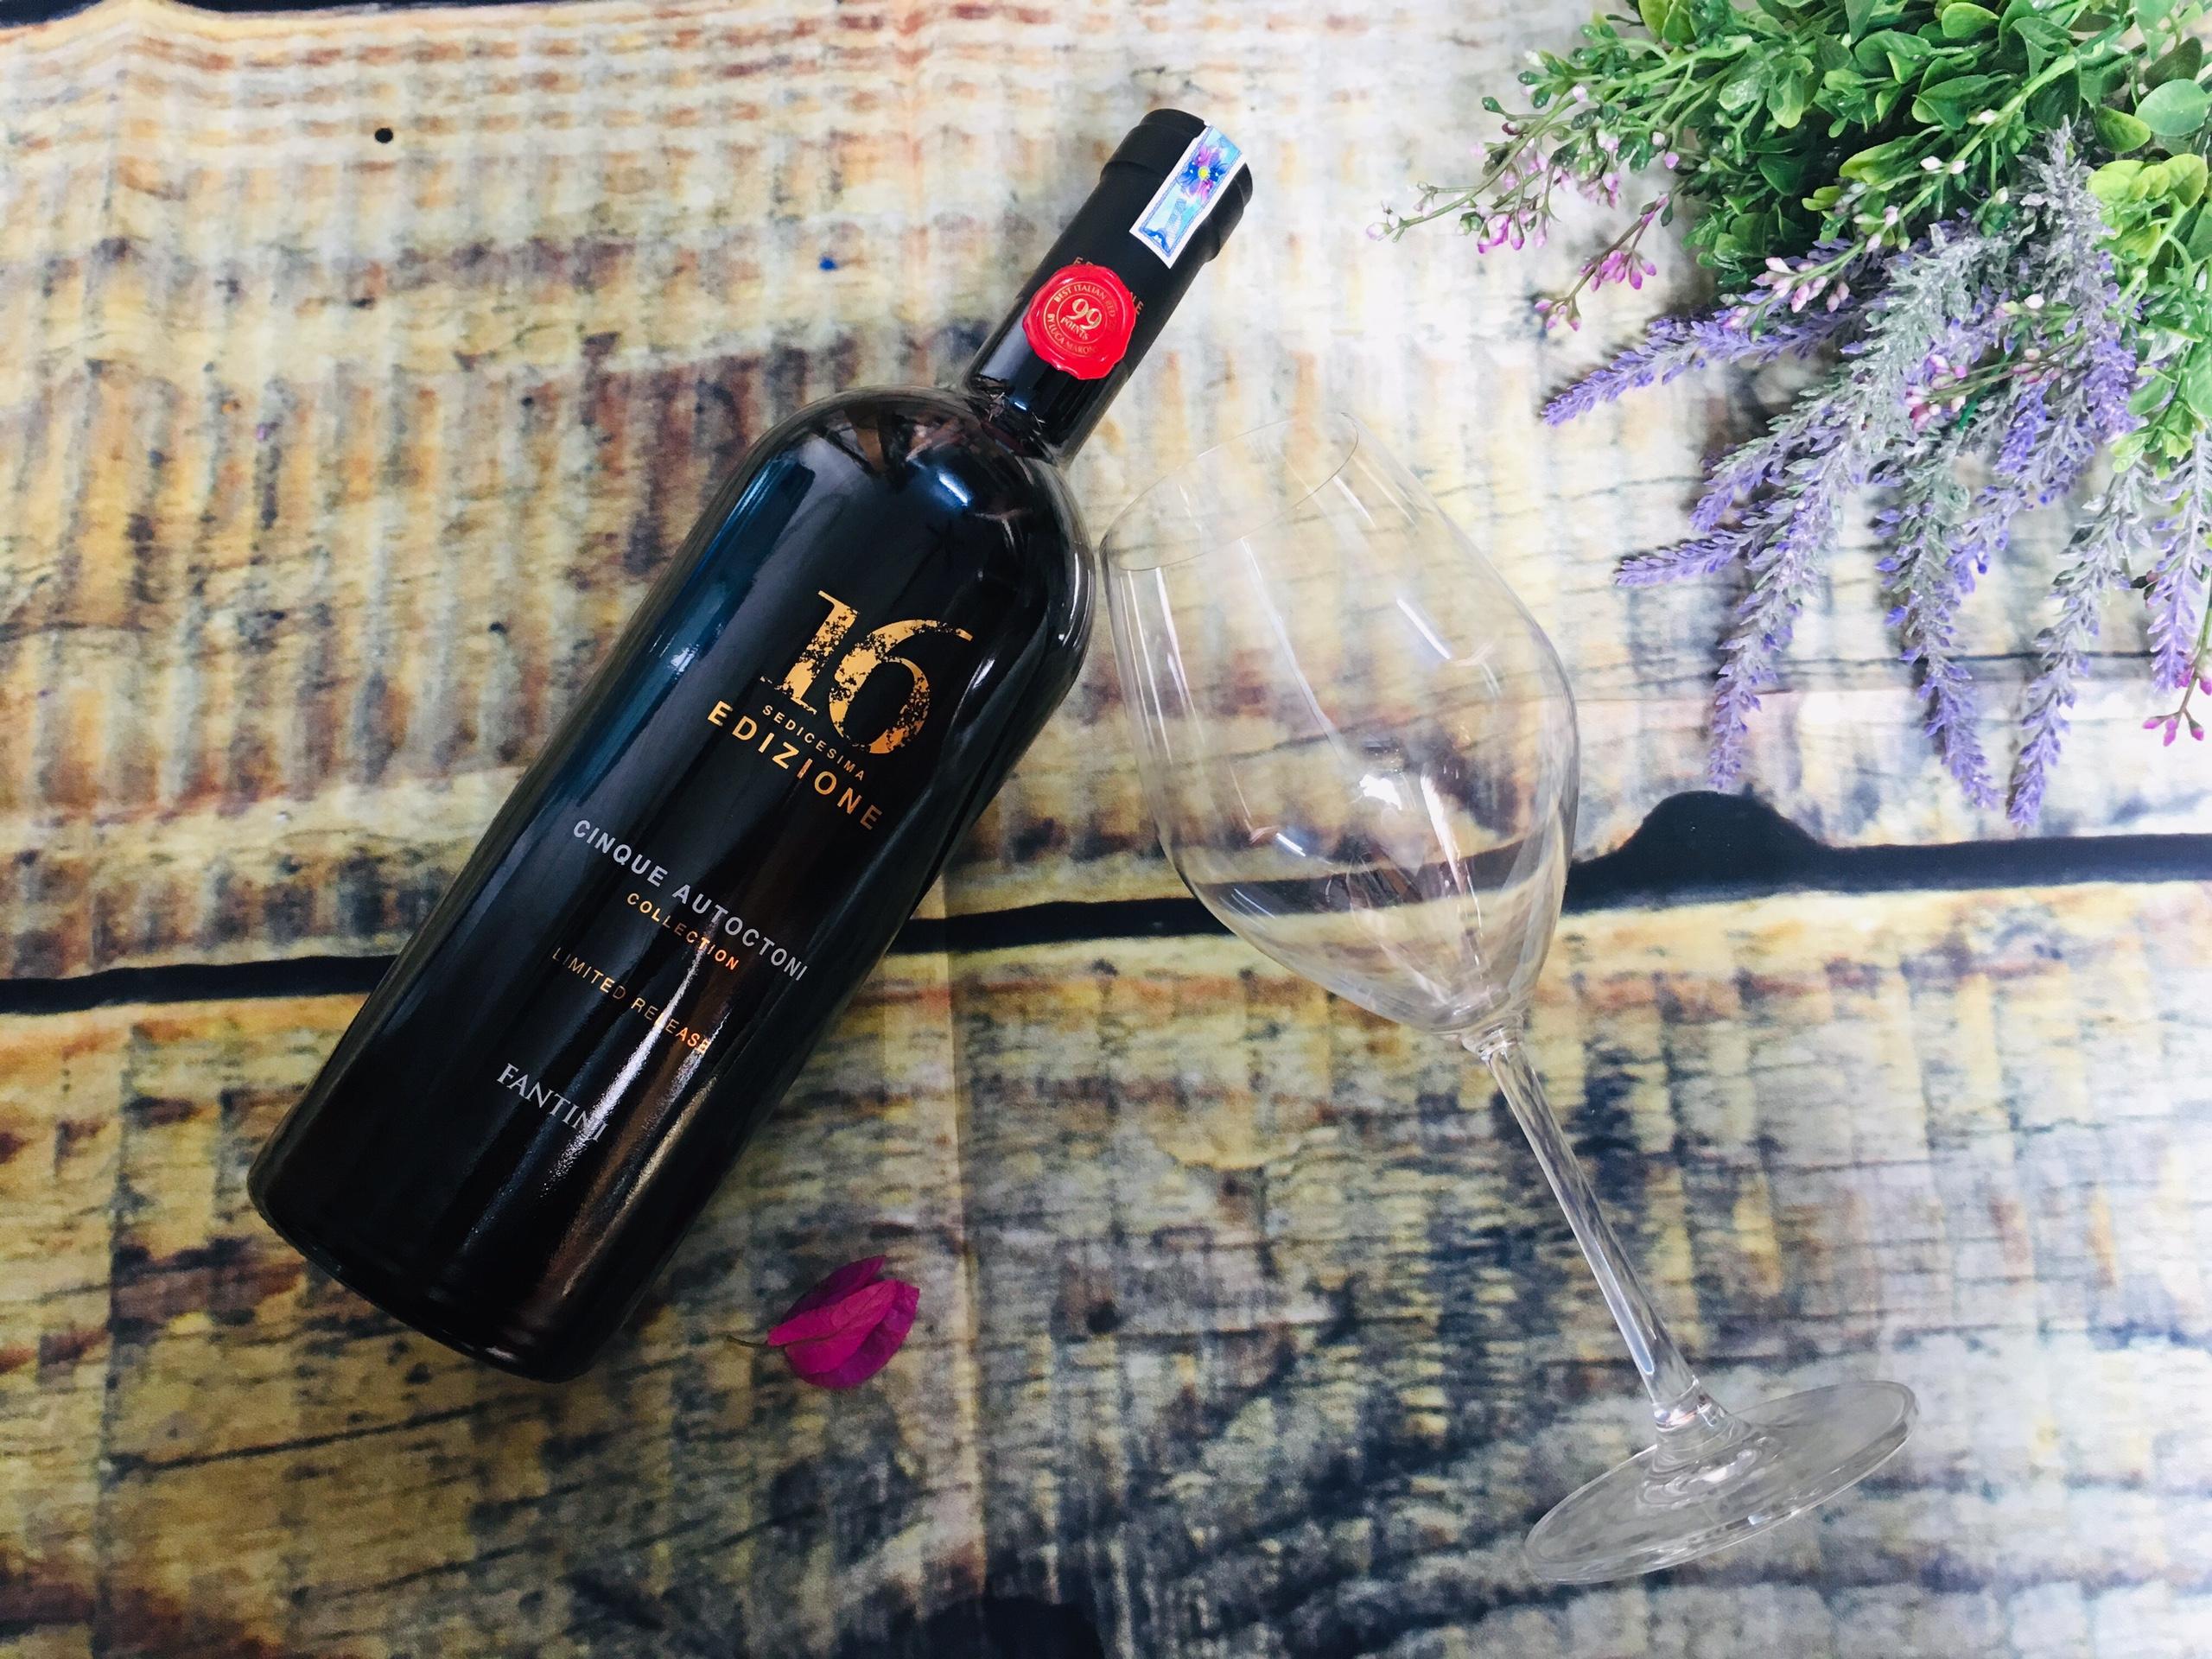 Rượu vang16 Edizione Limited Release có hương thơm mãnh liệt của quả mâm xôi, mận chín, nho khô...